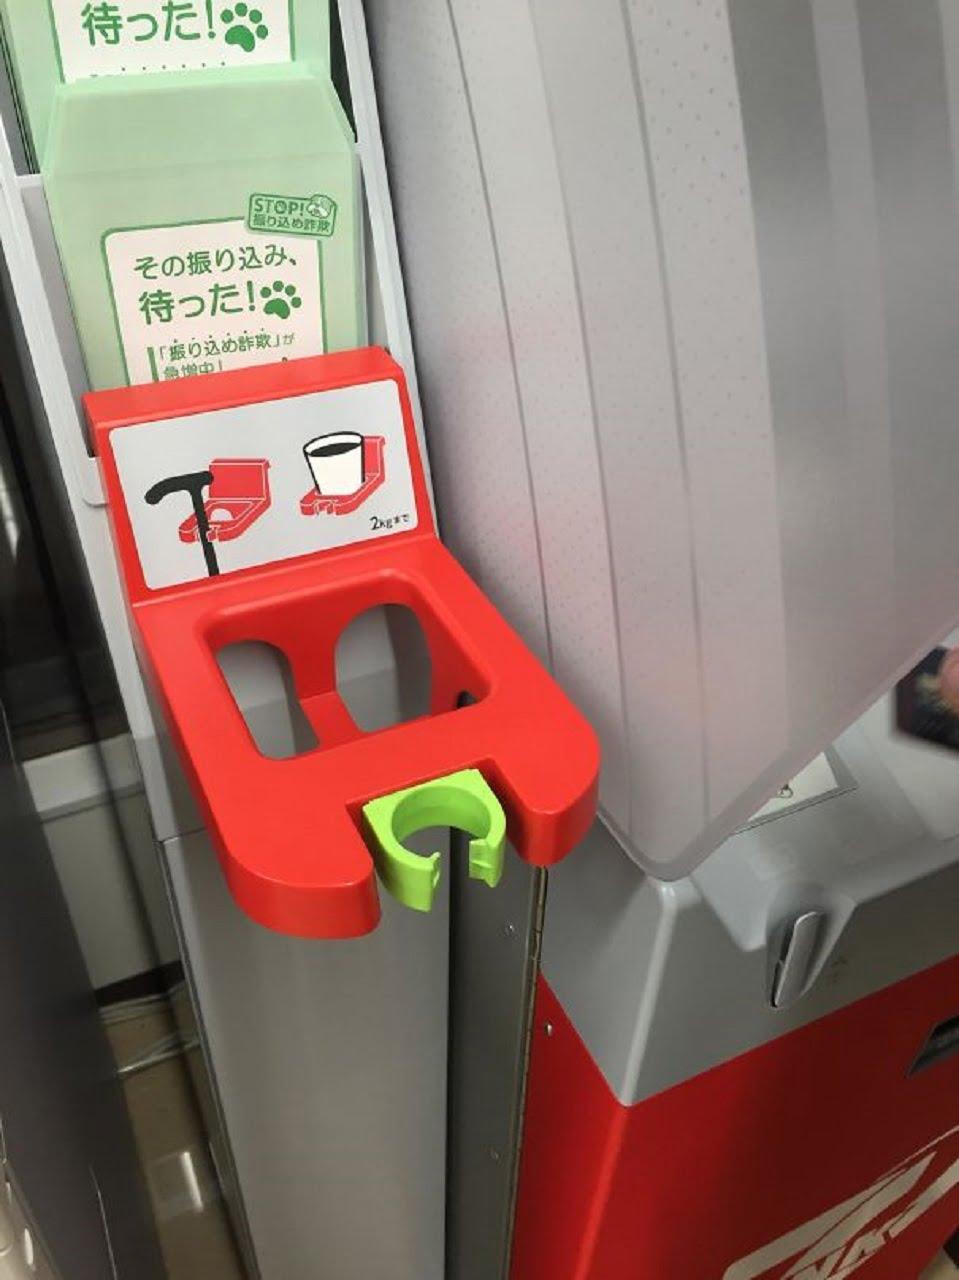 Japan 21